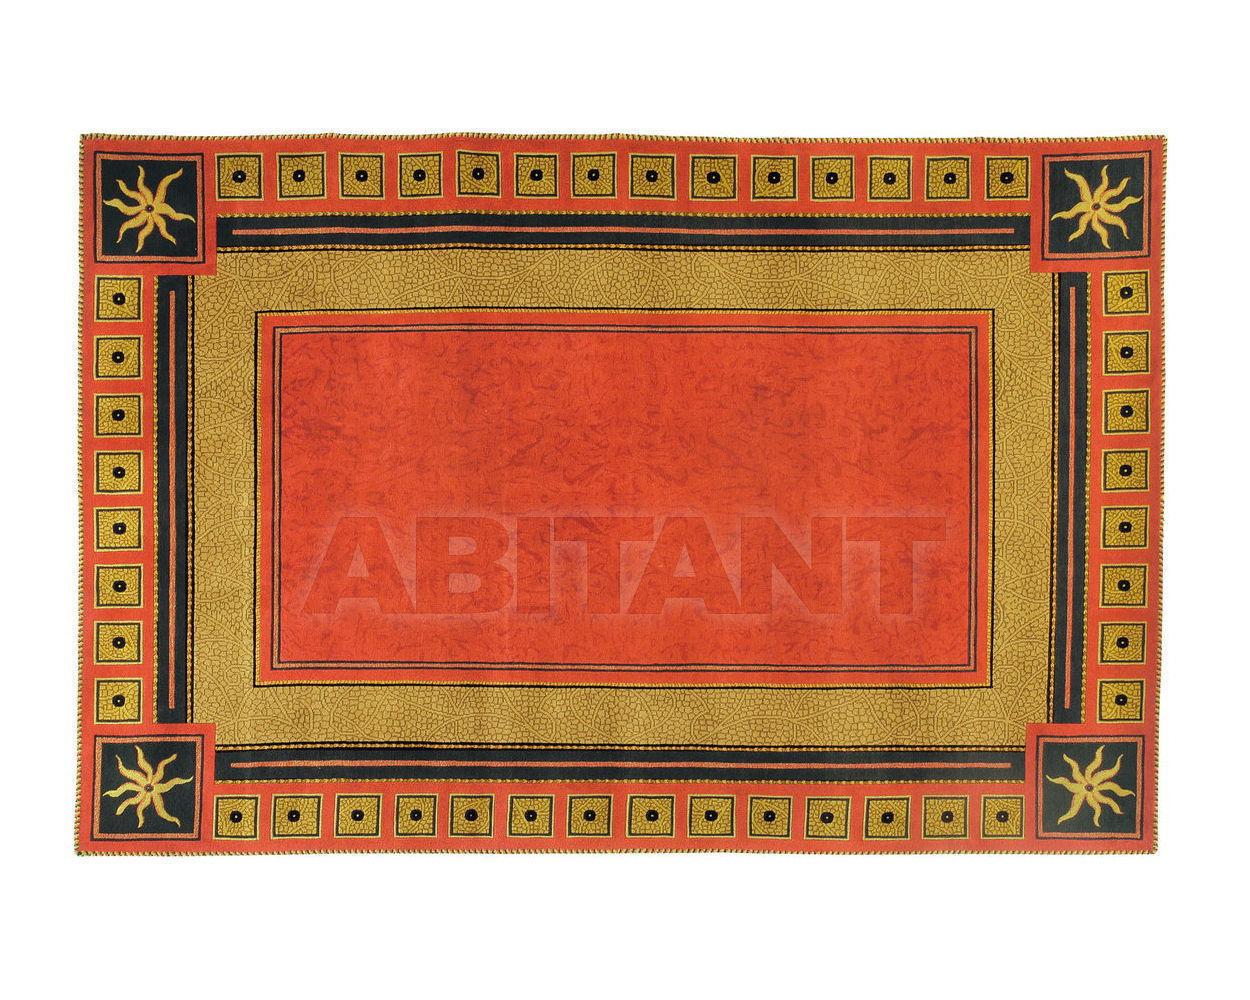 Купить Ковер современный Colombostile s.p.a. Transculture/rouge Et Or 1790 TP